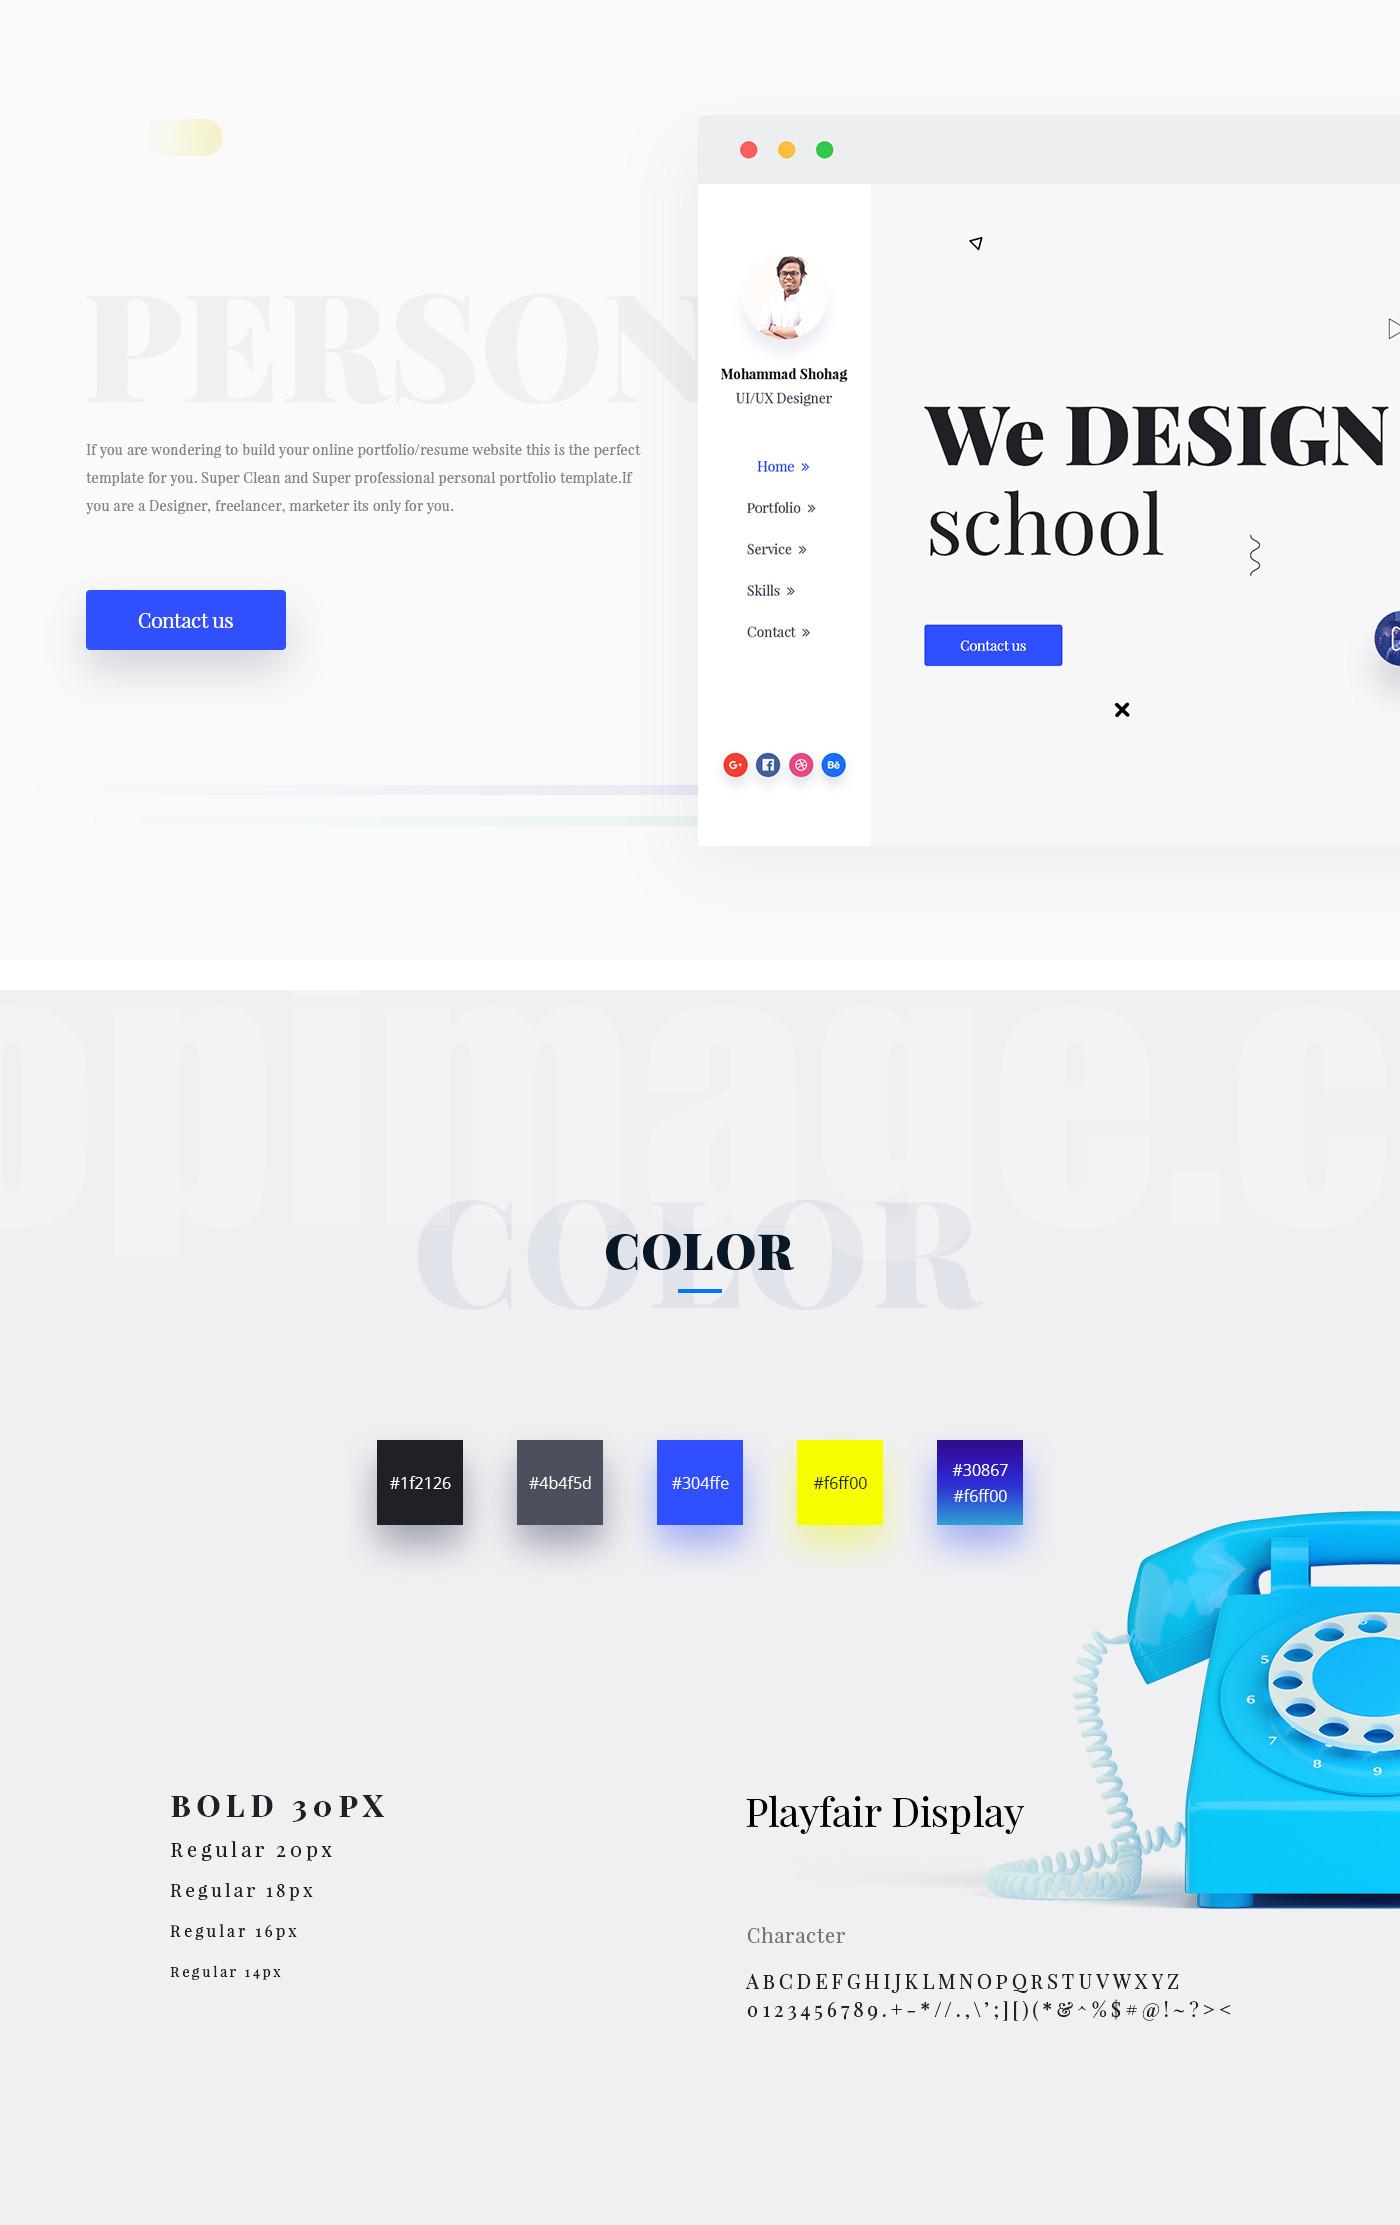 国外企业设计工作室官网ui kit介绍网站模板下载